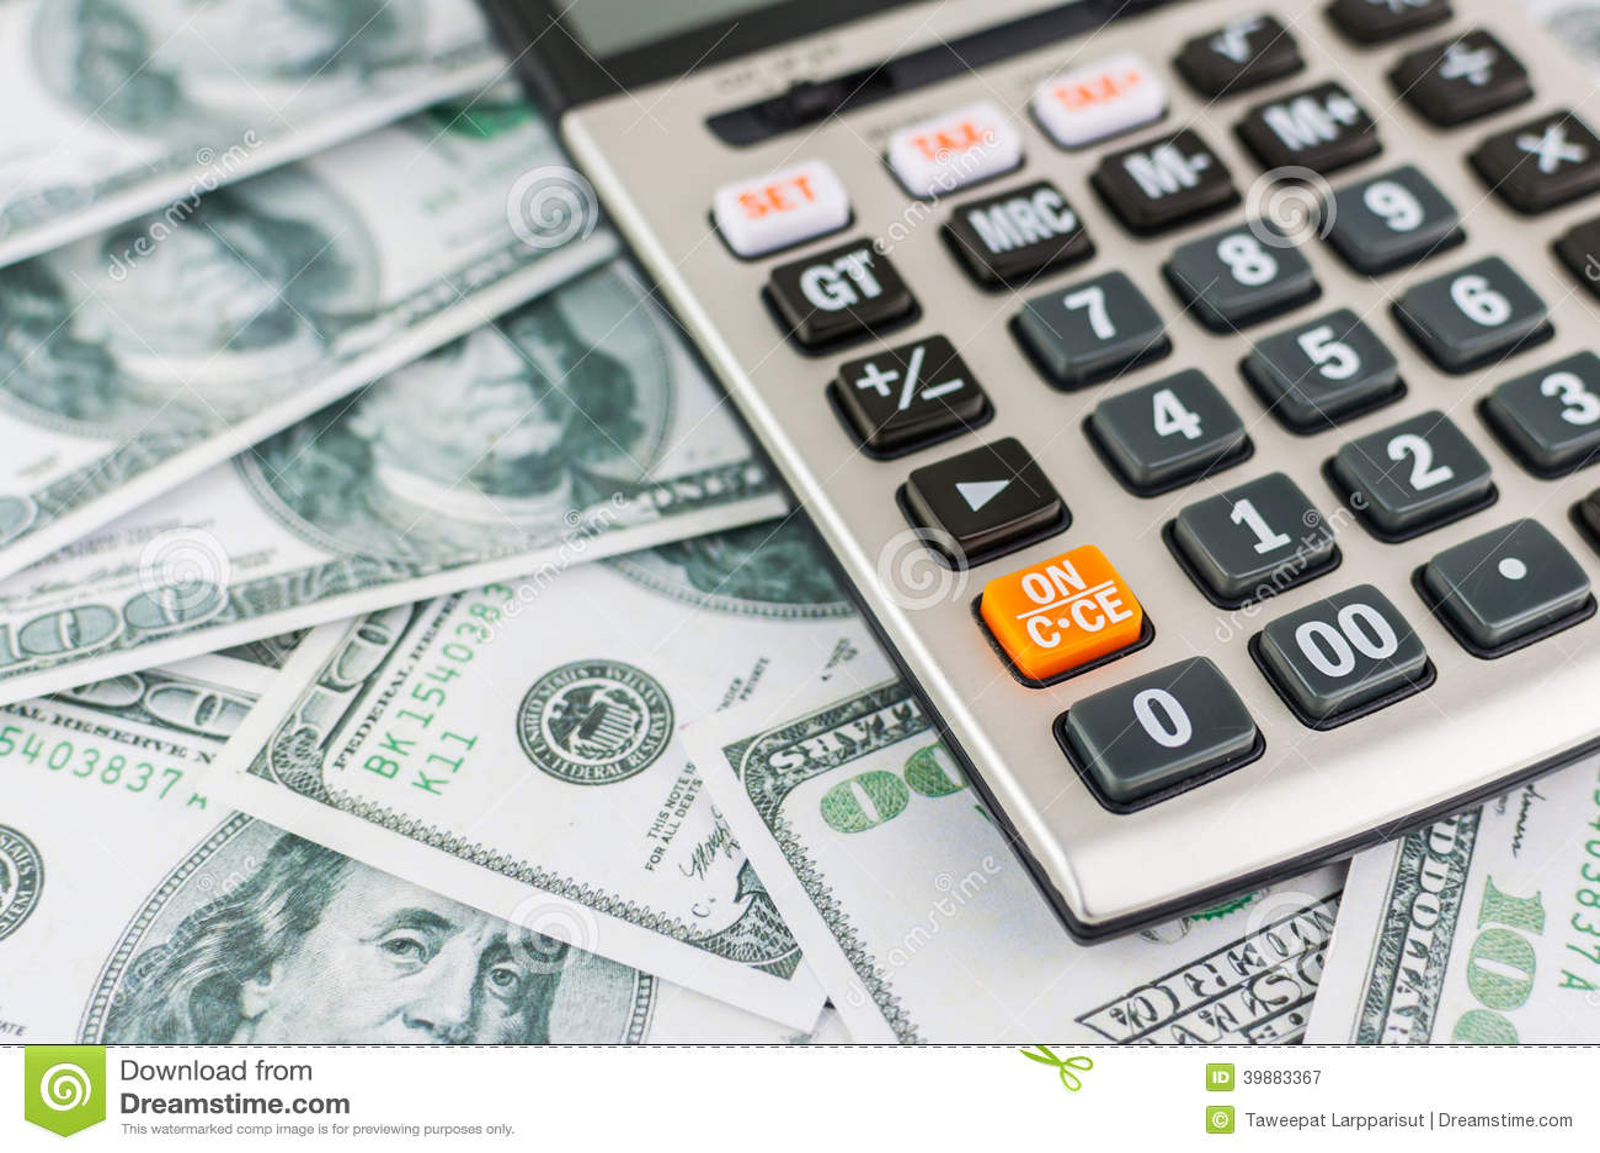 60美金_在美金背景的计算器 财政的概念.